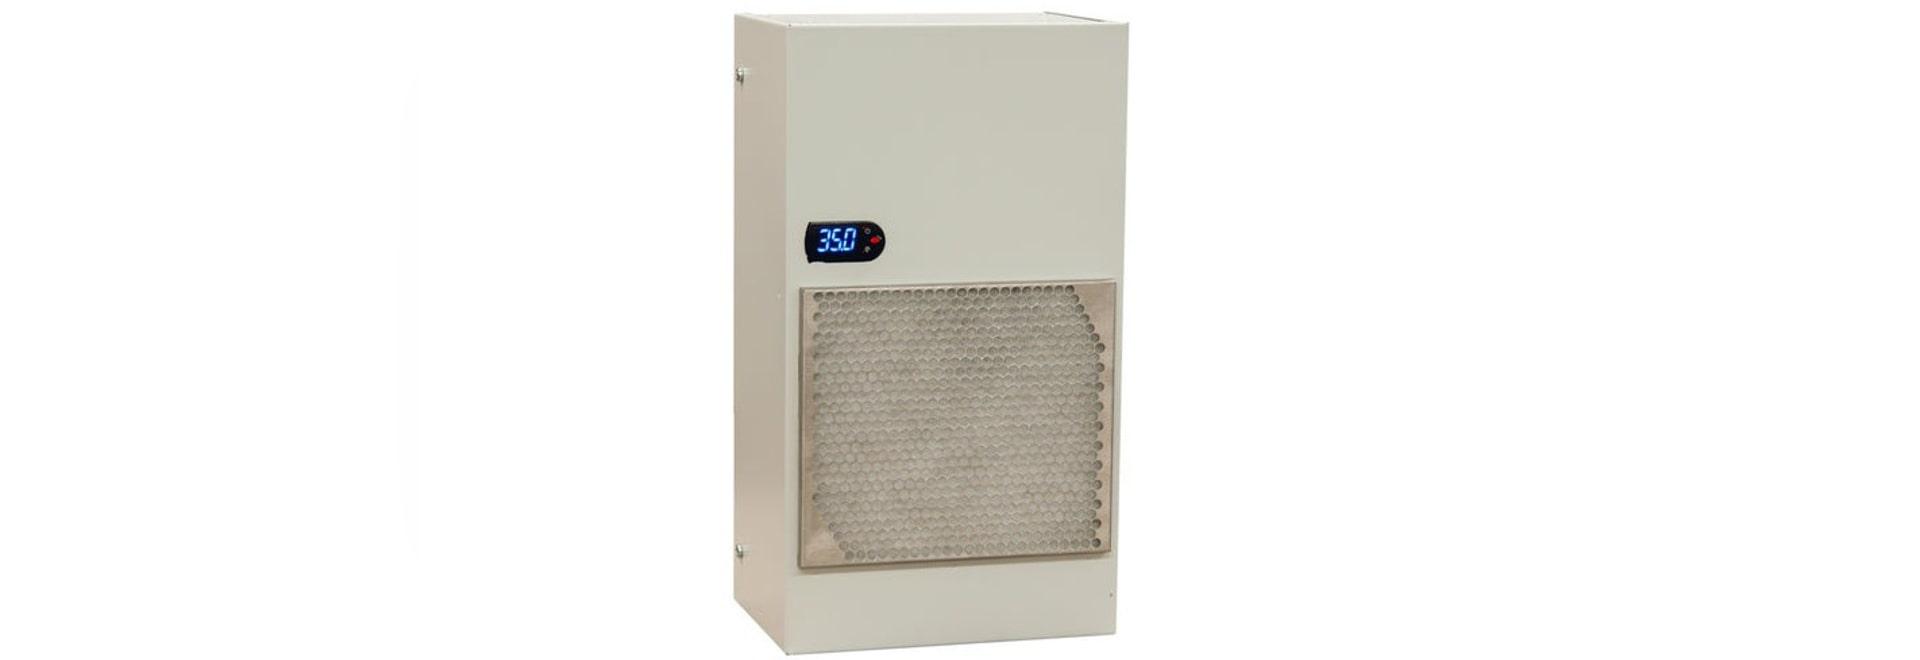 Seifert Systems presenta la serie SoliTherm ComPact di condizionatori d'aria per ambienti chiusi